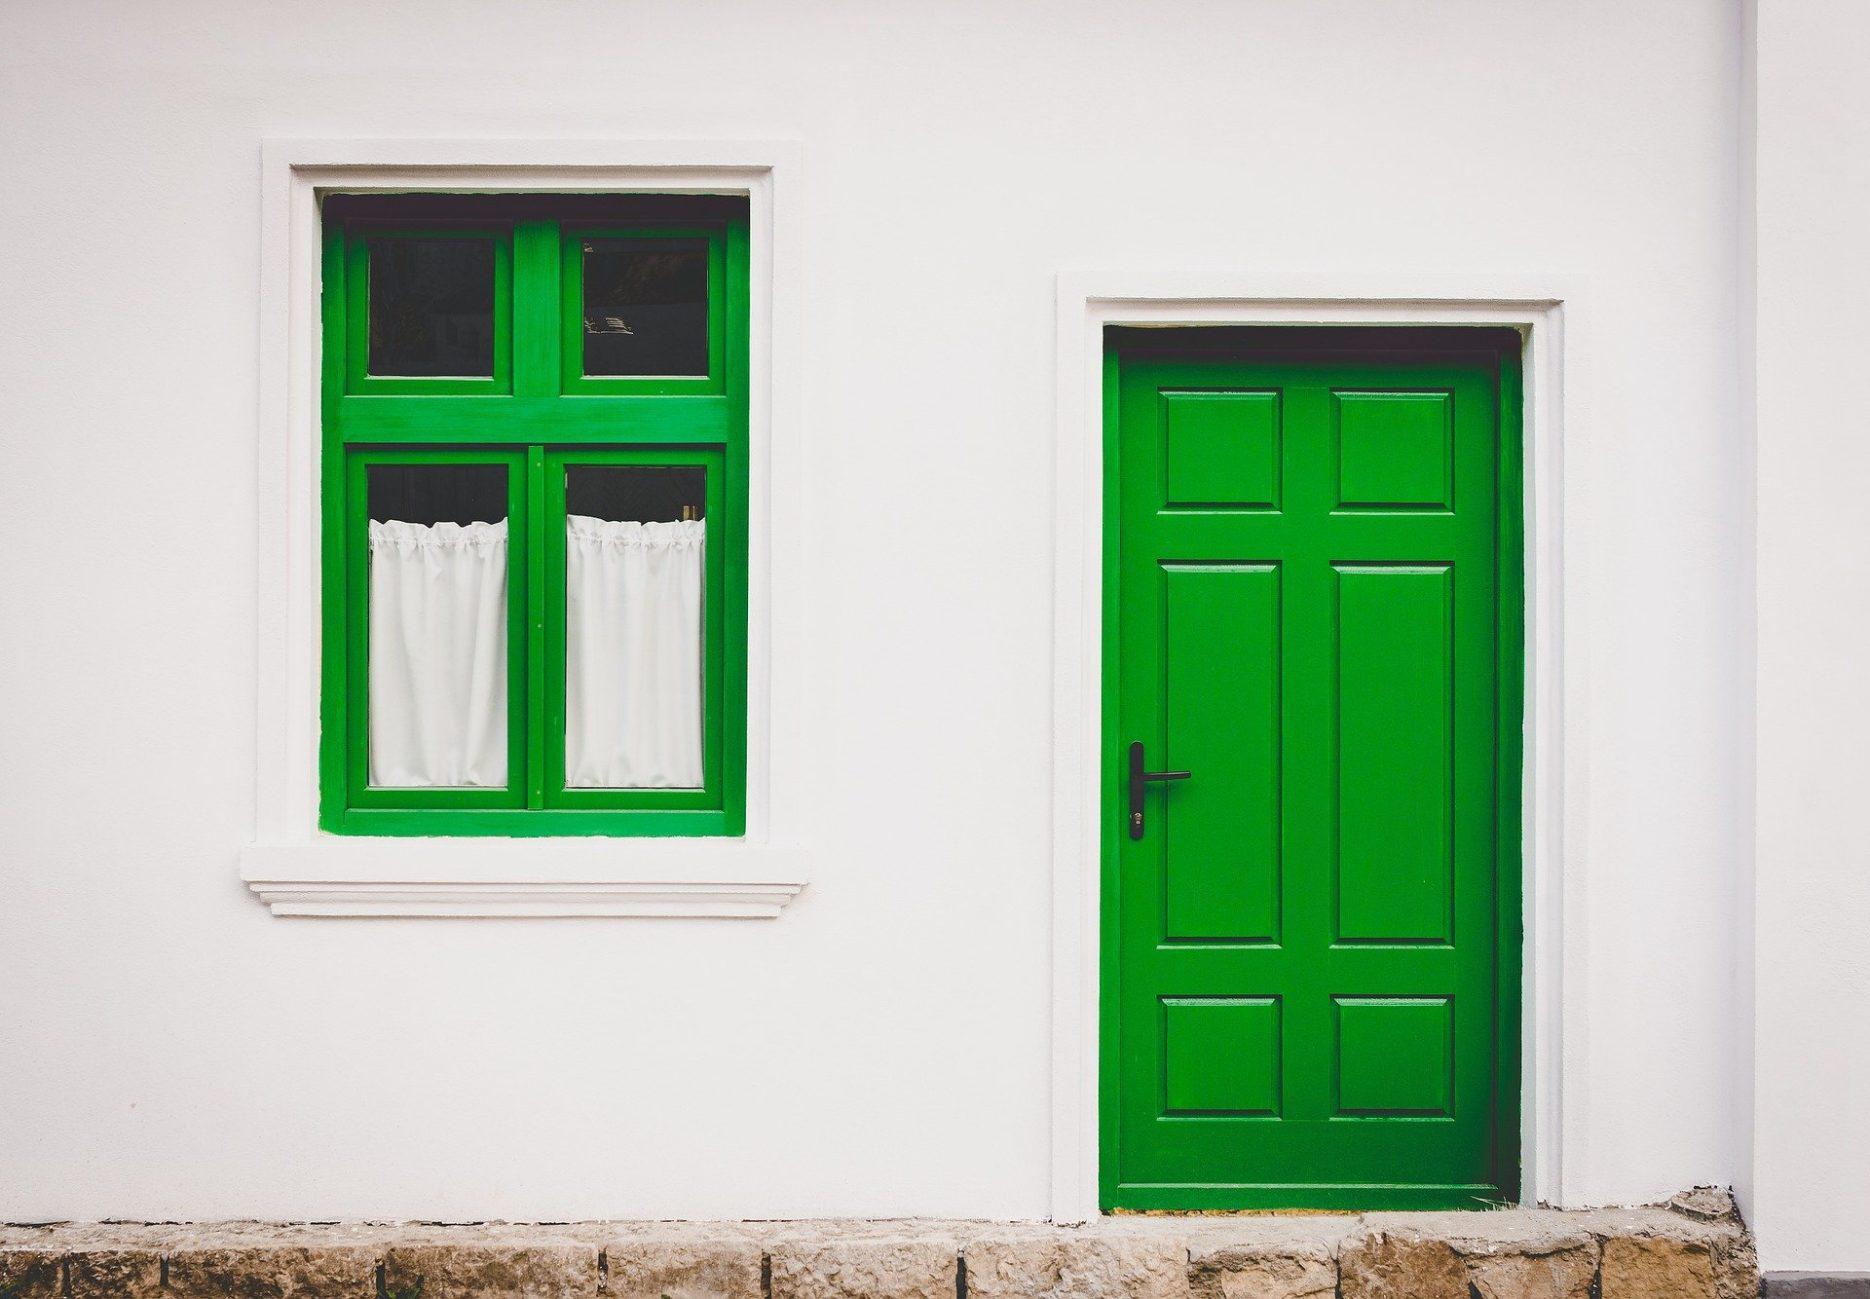 Das Bild zeigt ein Haus mit einfacher grüner Tür und grünem Fenster.